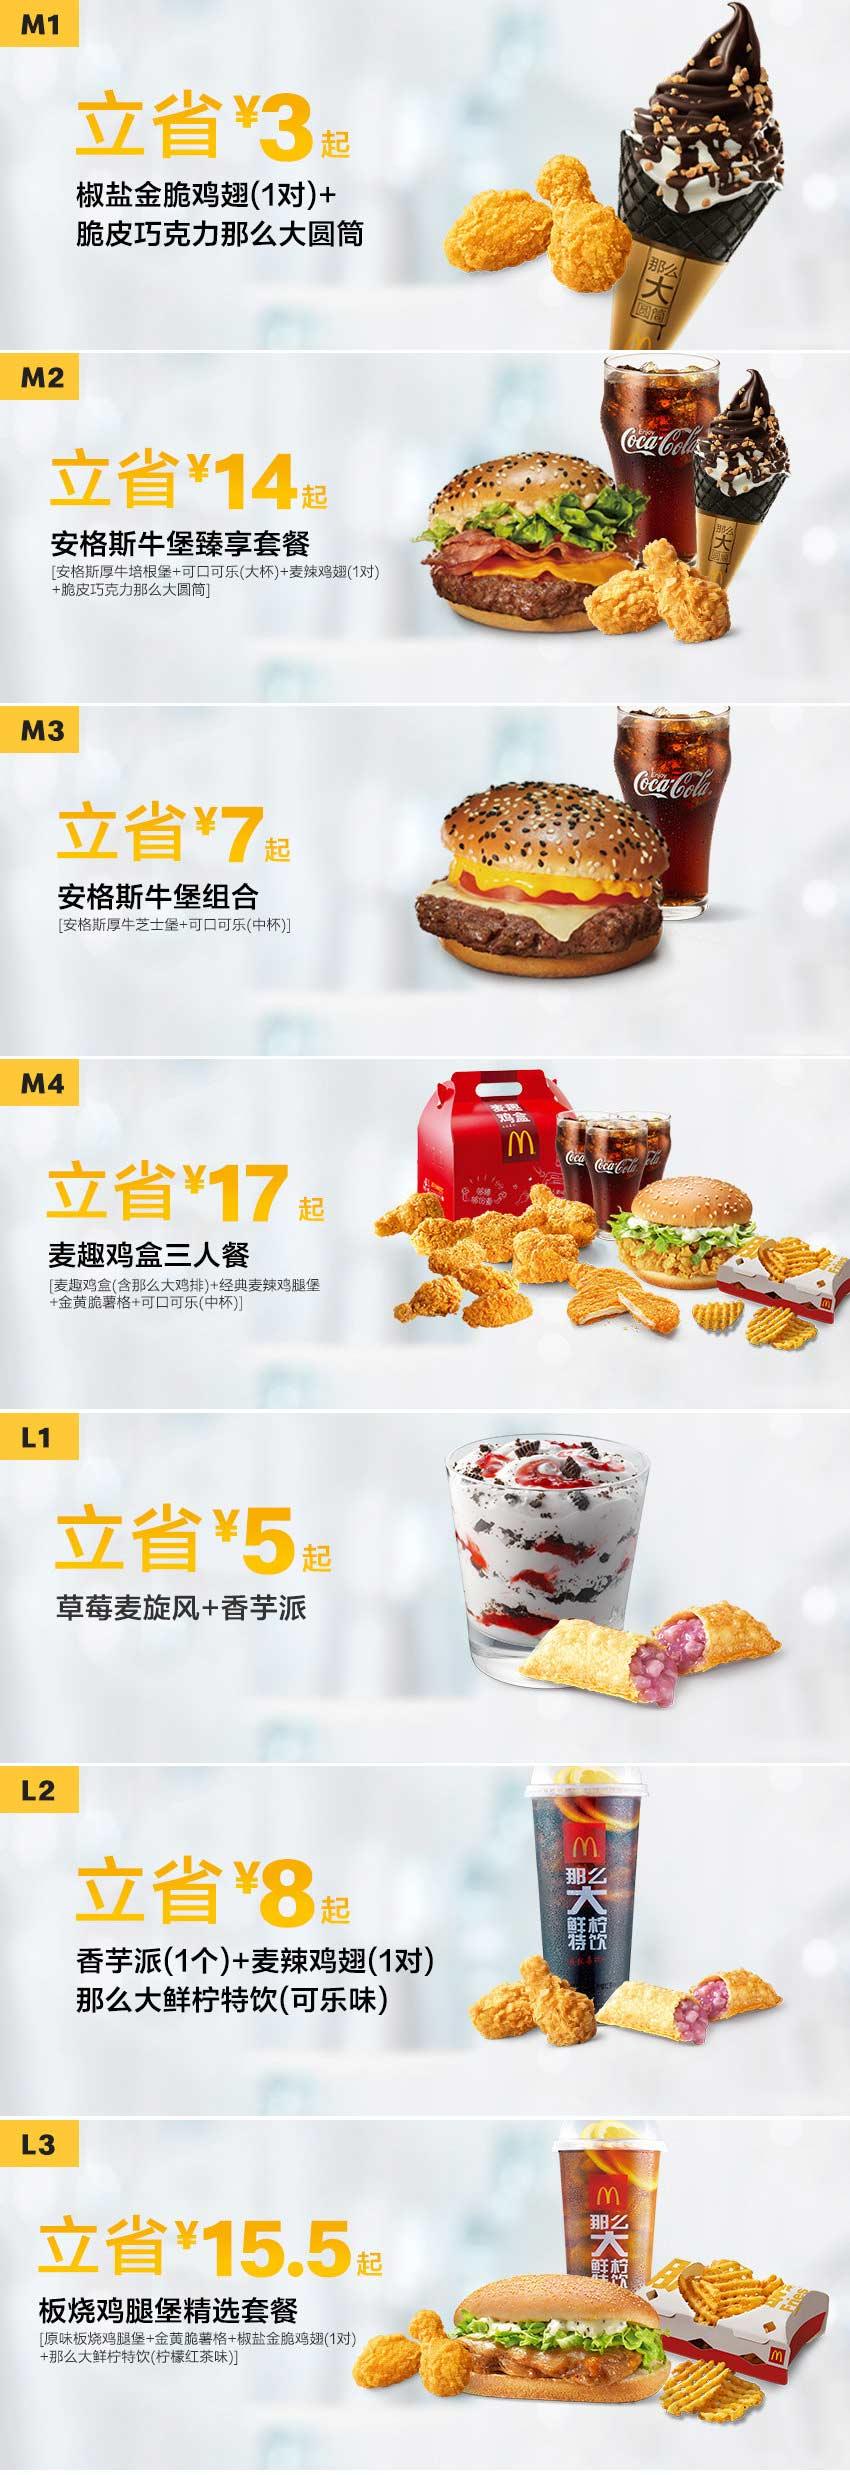 麦当劳优惠券2019年4月17日至5月14日整张版本,点餐手机出示或报优惠码享优惠价 有效期至:2019年5月14日 www.5ikfc.com